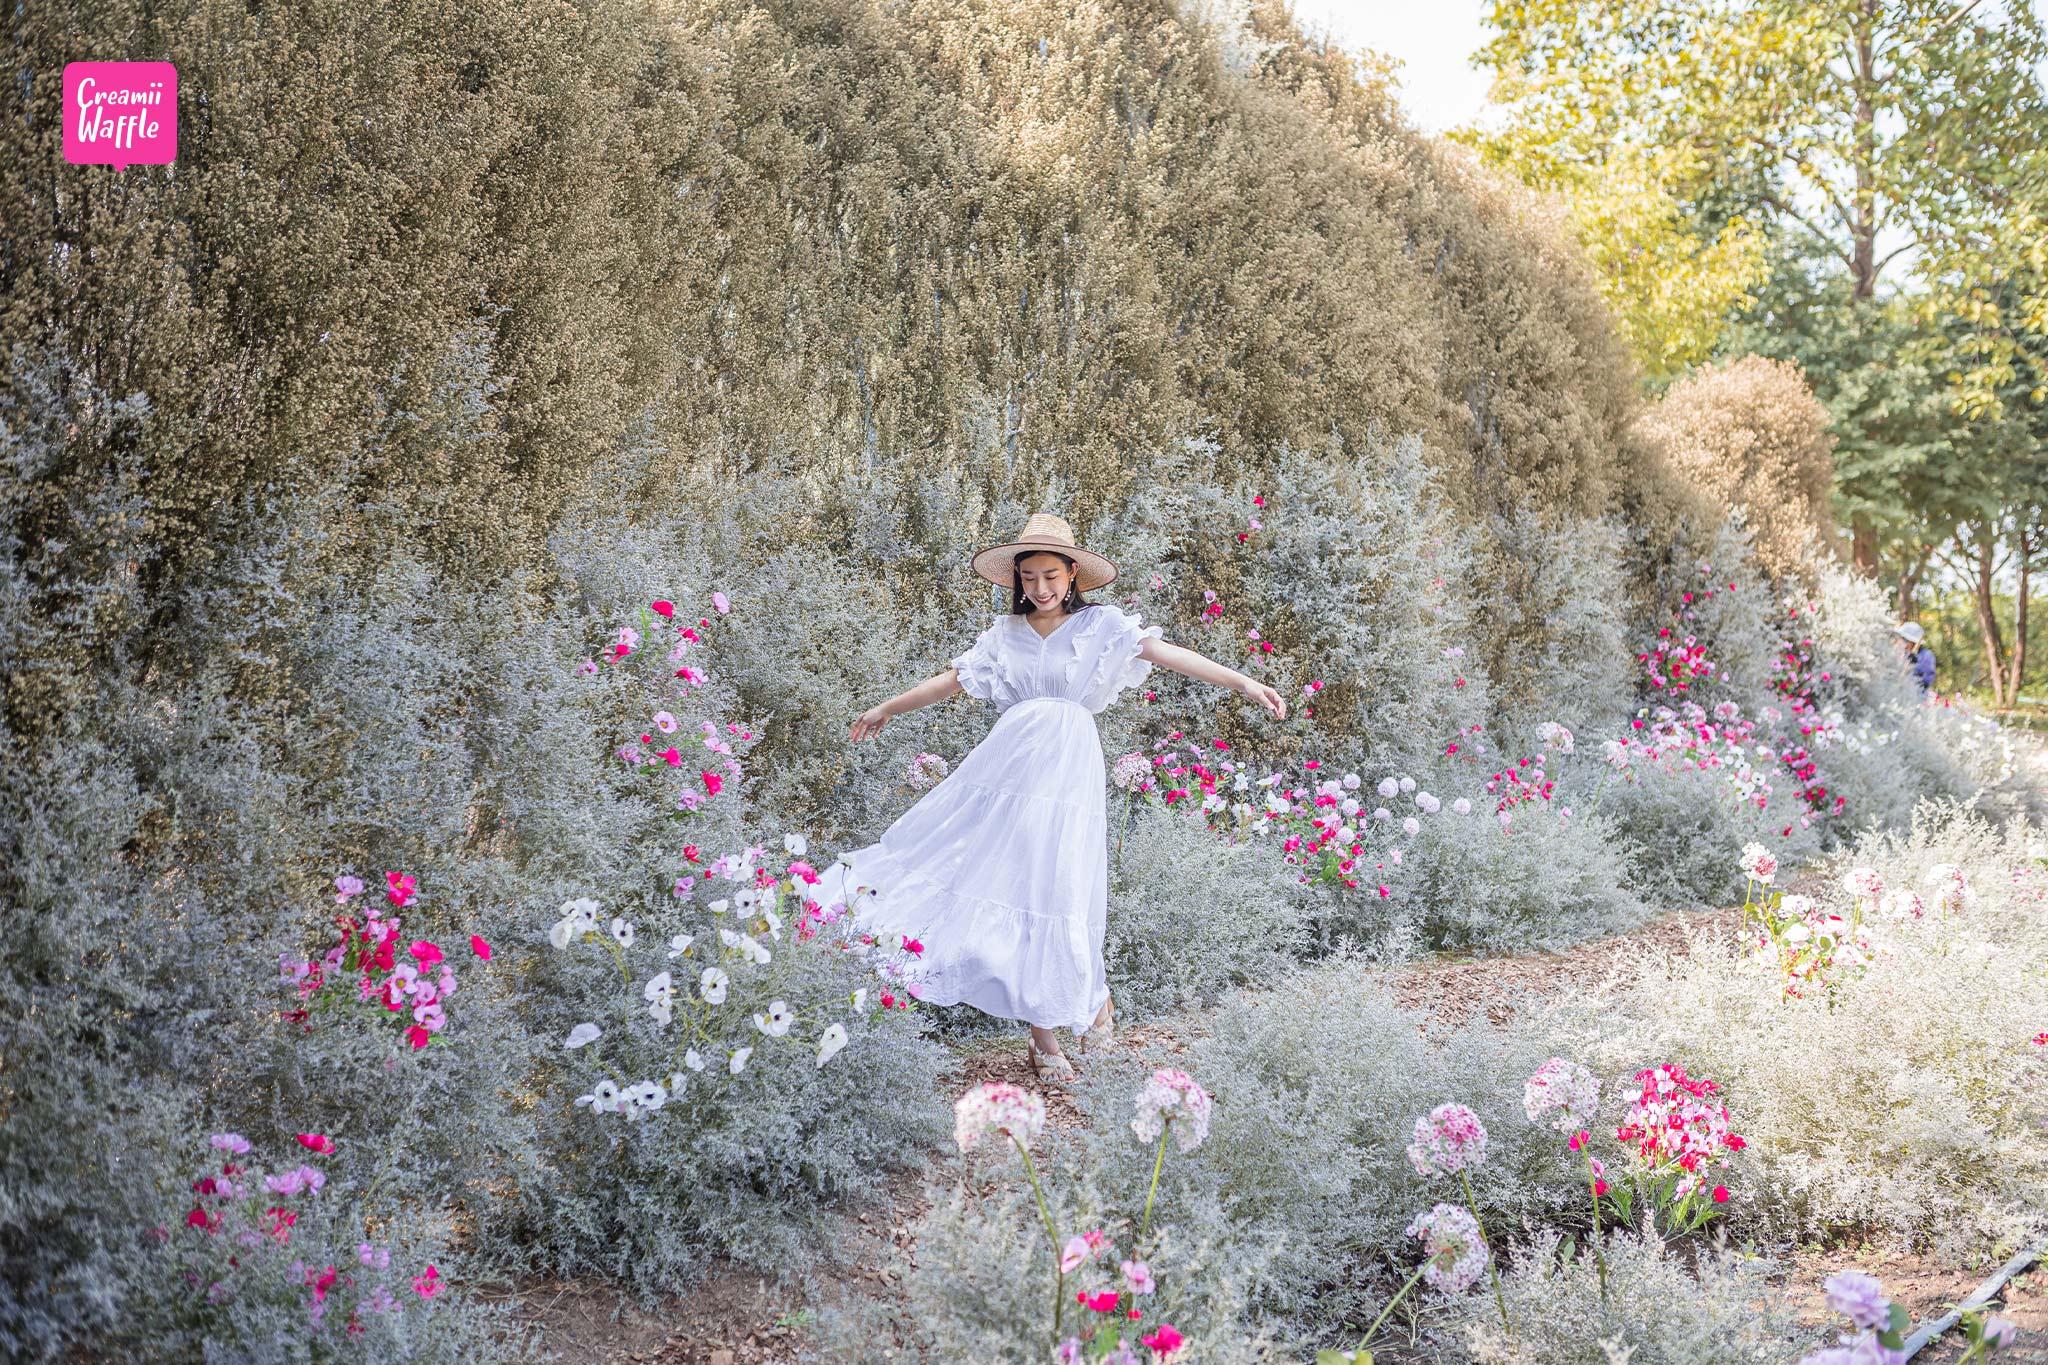 เที่ยว รักดอก RakDok มหัศจรรย์แดนมาลี ราชบุรี